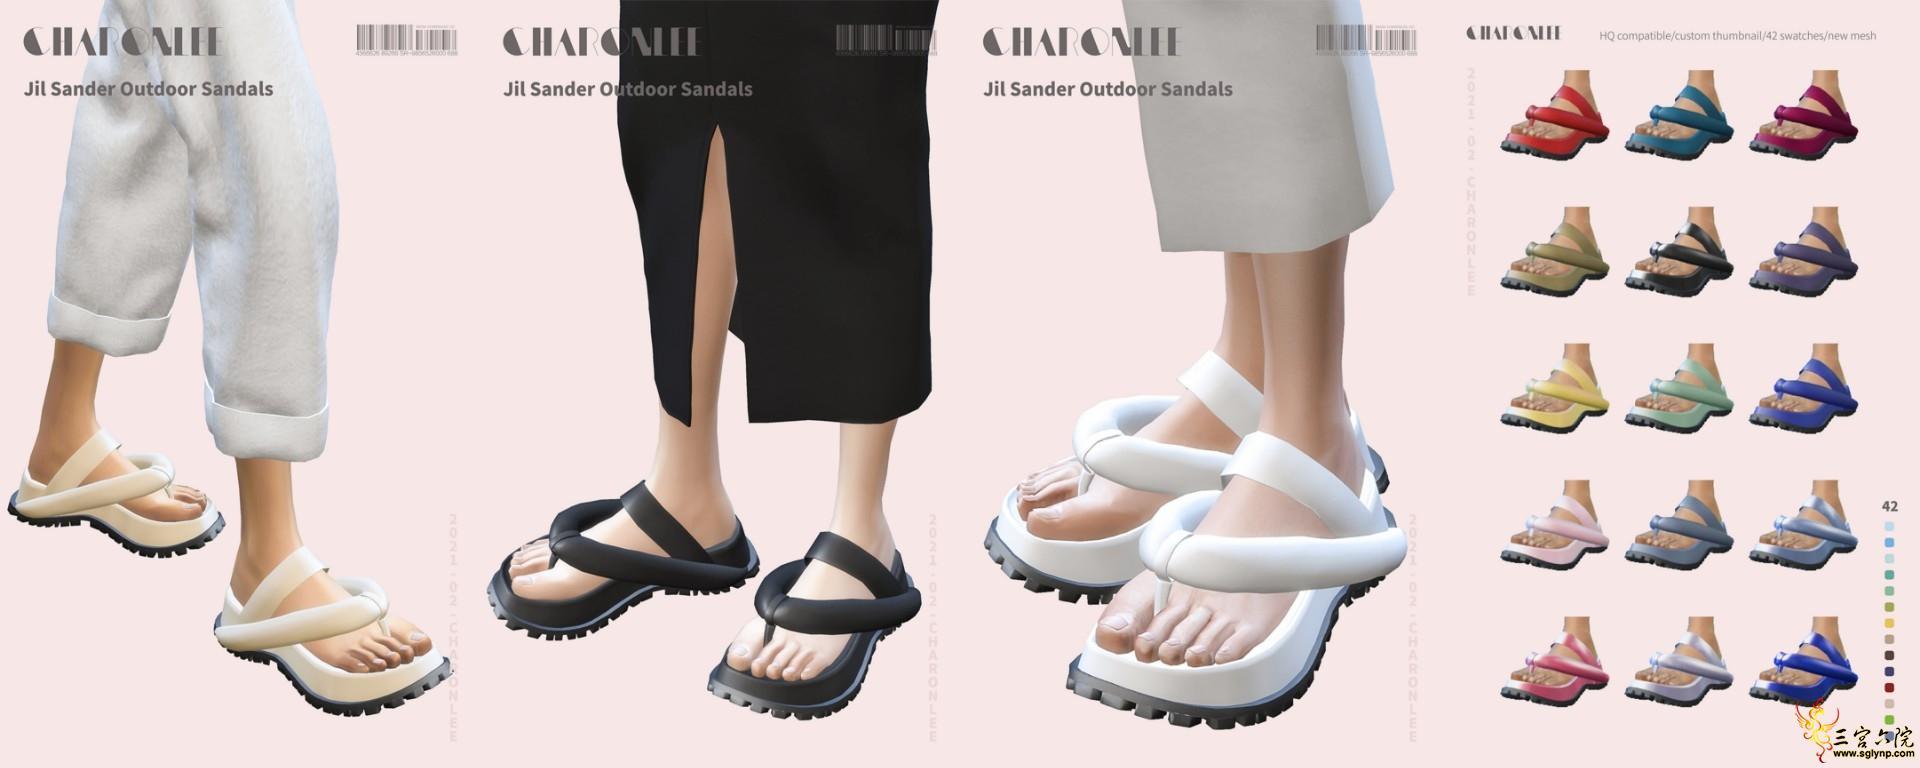 [CHARONLEE]2021-012-Jil Sander Outdoor Sandals.jpg